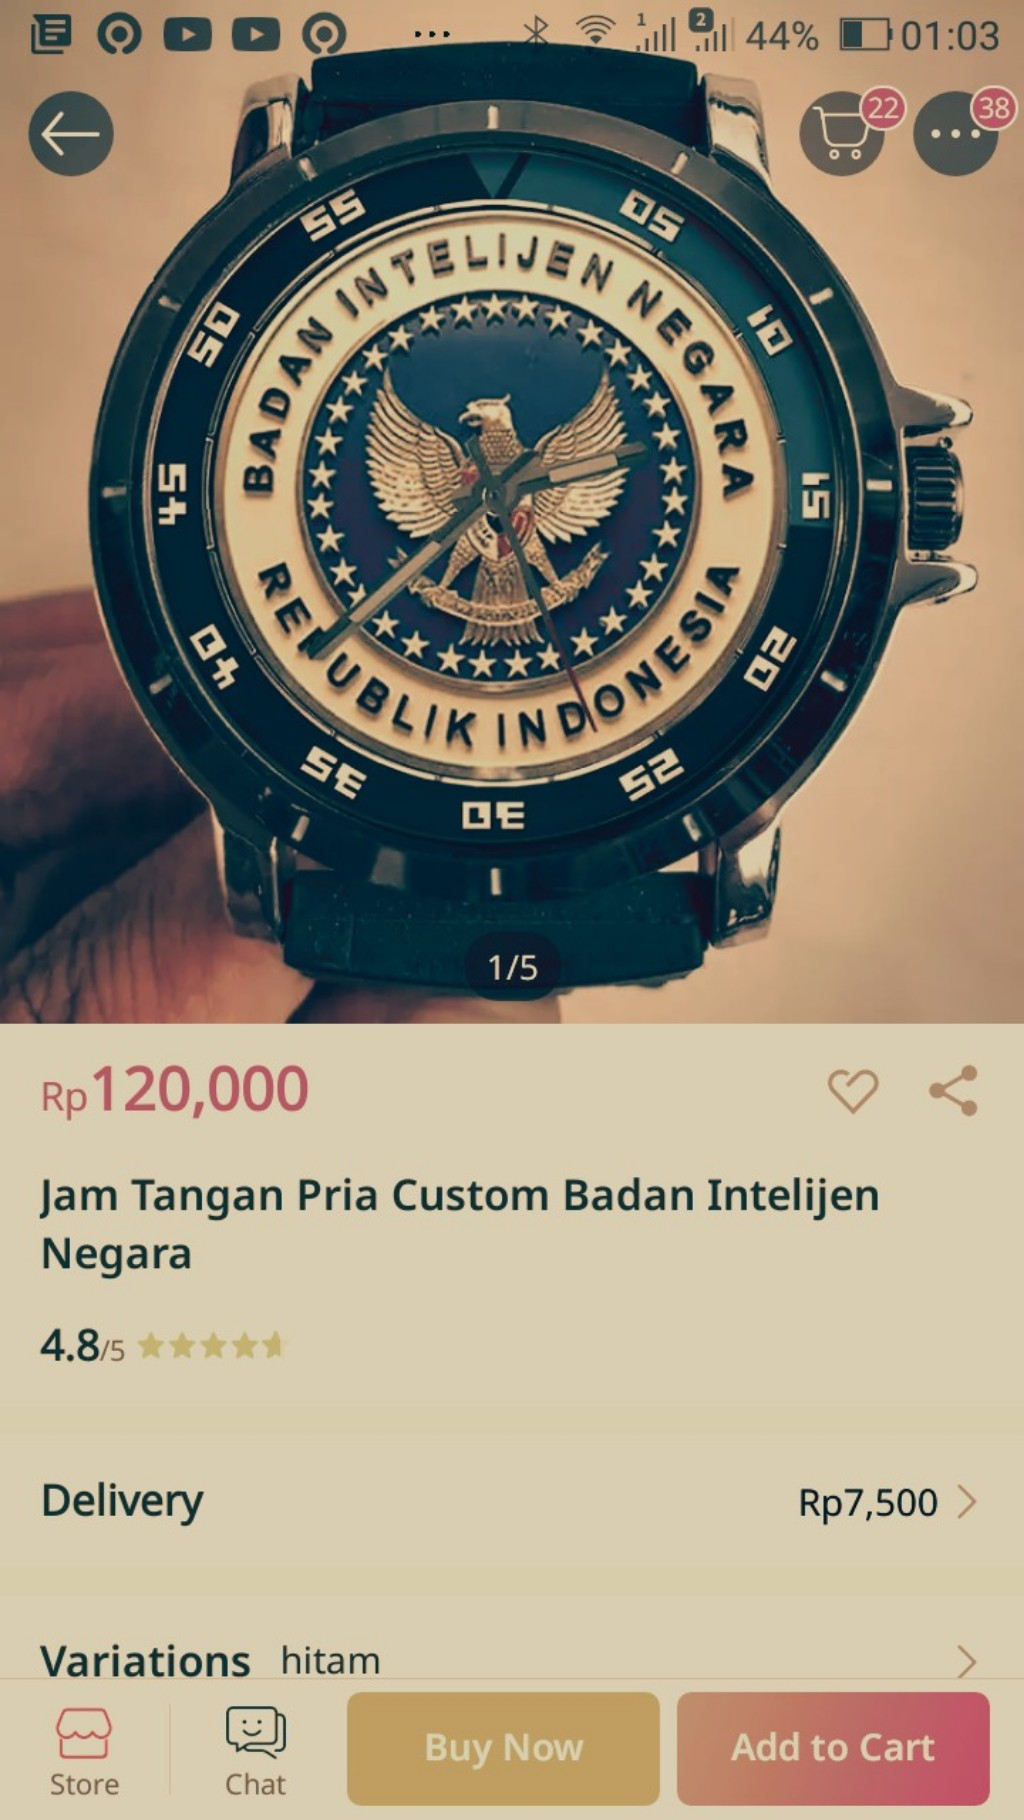 Jam tangan untuk intel